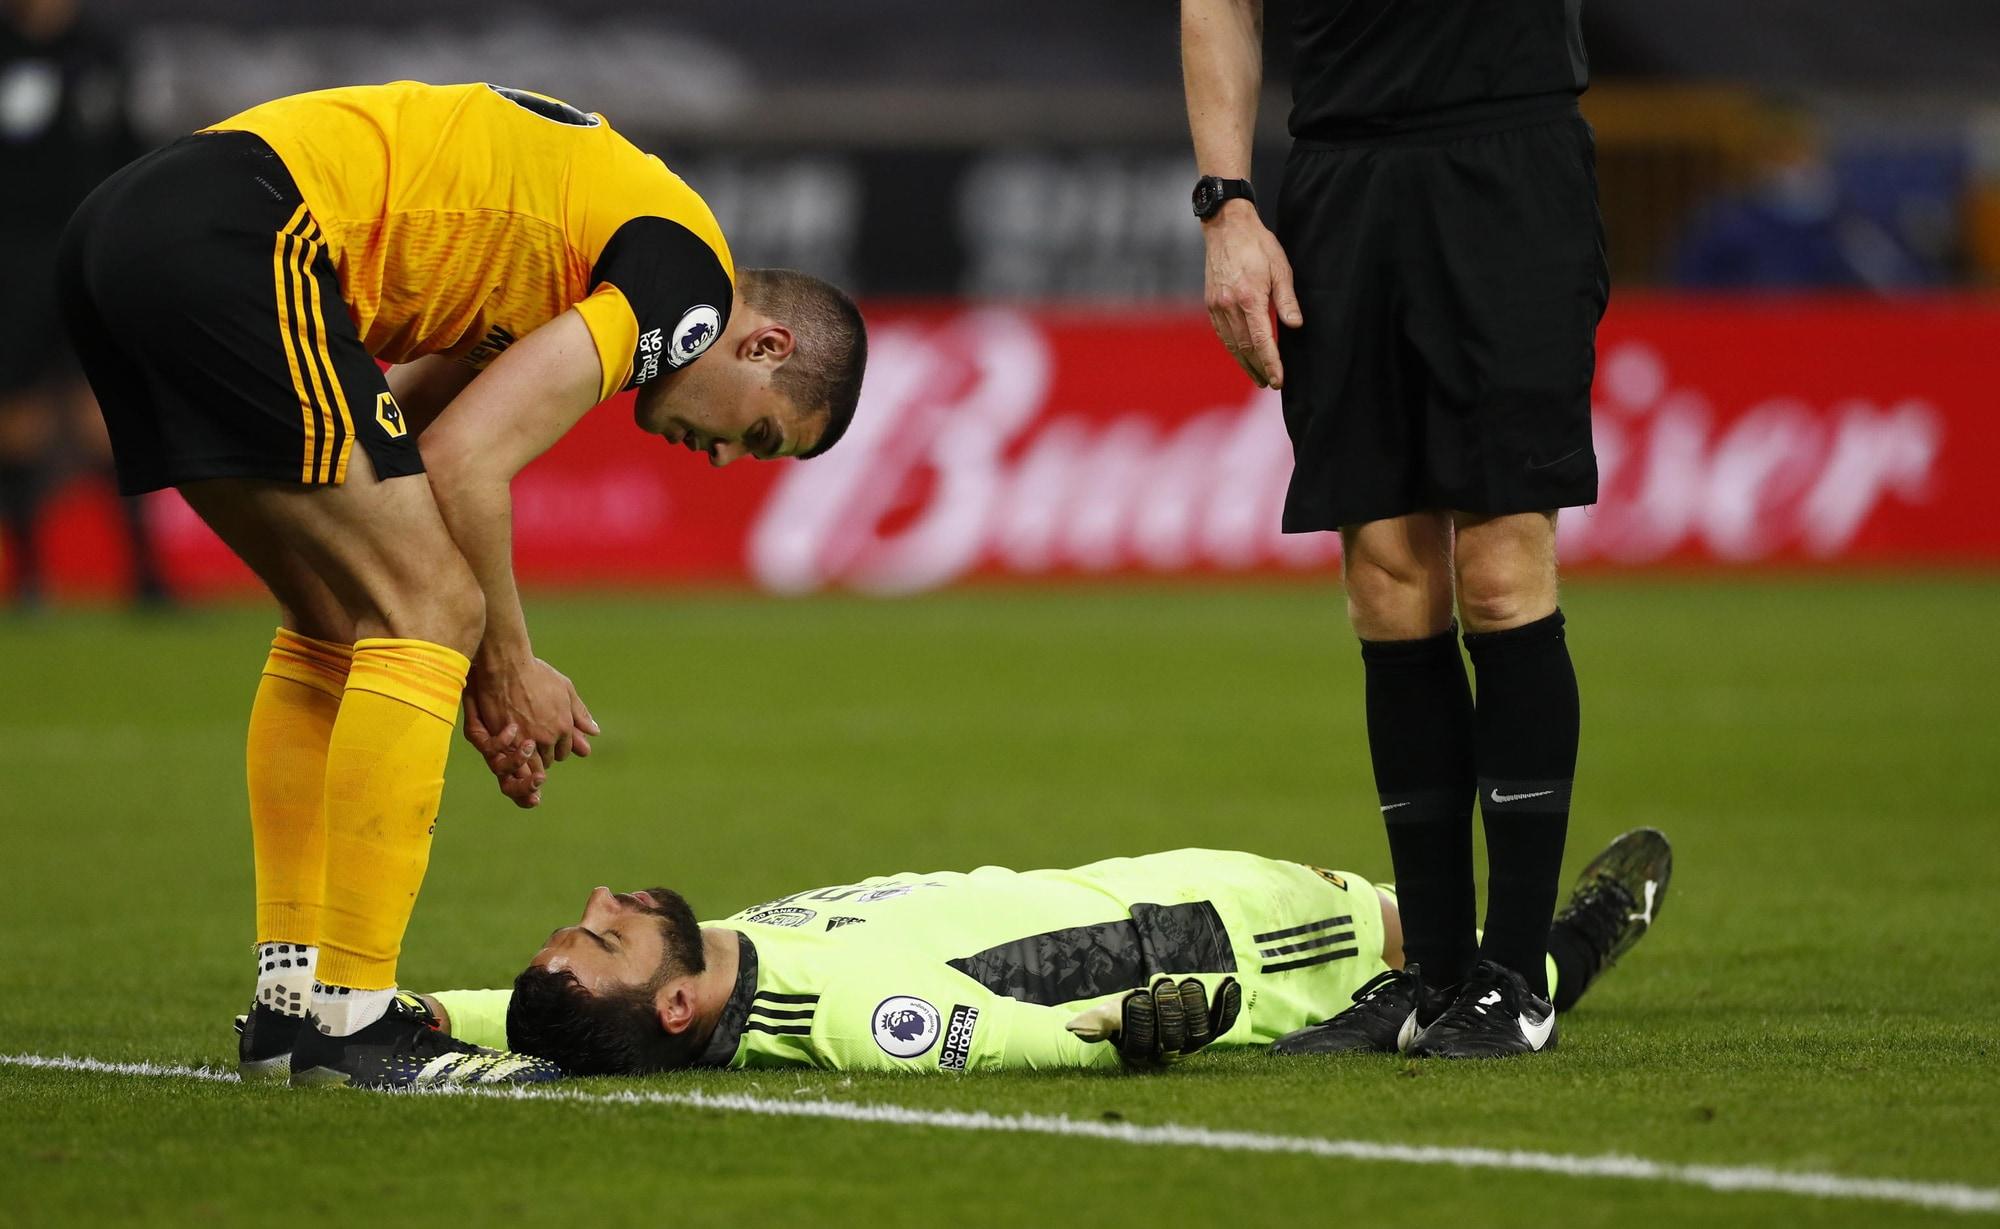 Paura Rui Patricio, fuori in barella dopo un colpo alla testa